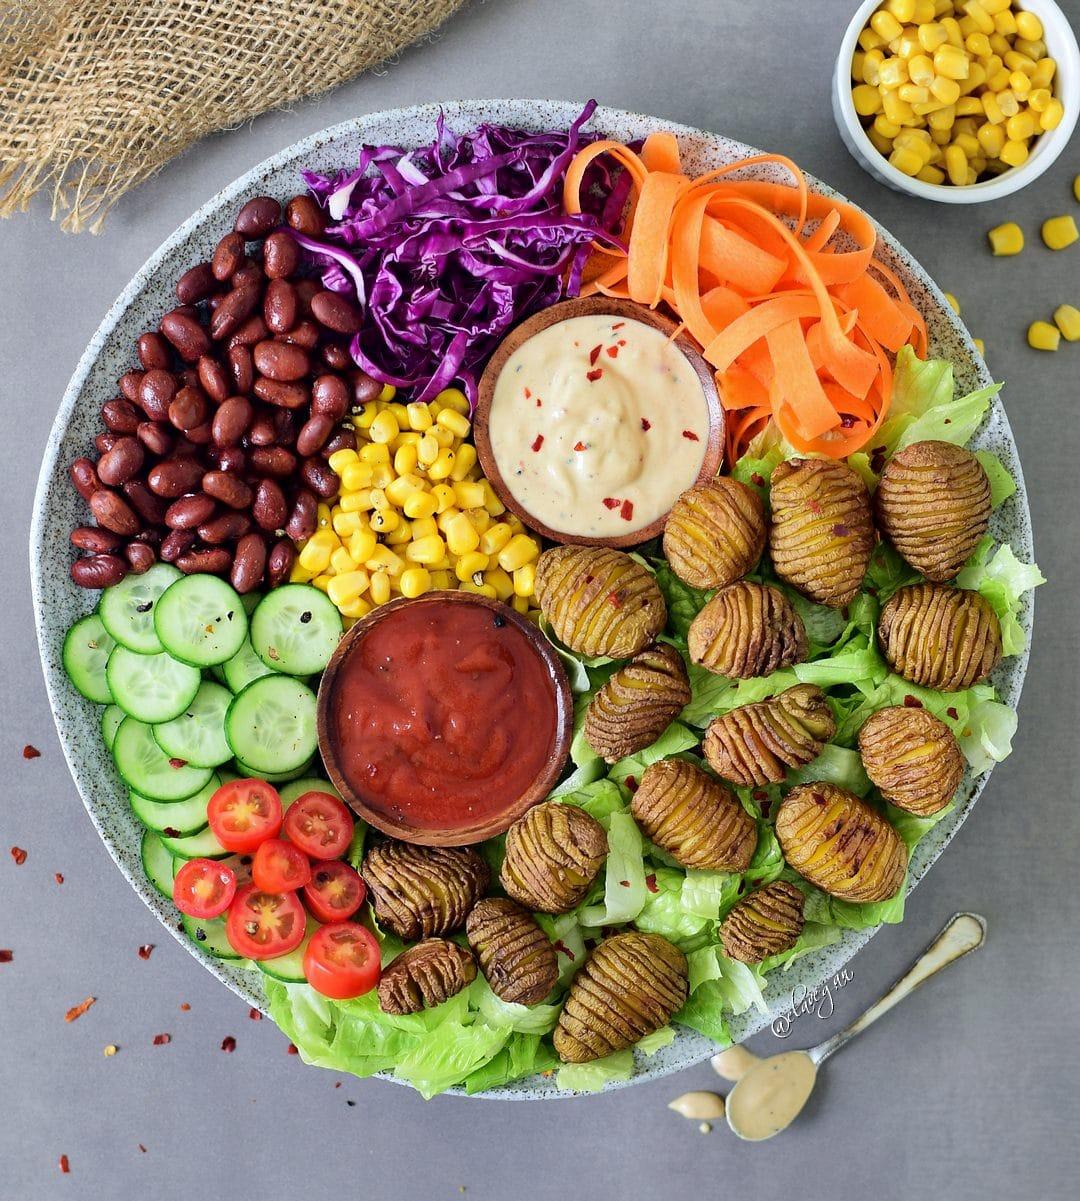 Bunter Salat mit Hasselback Kartoffeln und zwei verschiedenen leckeren Saucen (Tomatensoße und Tahinisoße). Dieser Salat ist nährstoffreich, vegan, glutenfrei, gesund, einfach zu machen, lecker und perfekt fürs Mittagessen